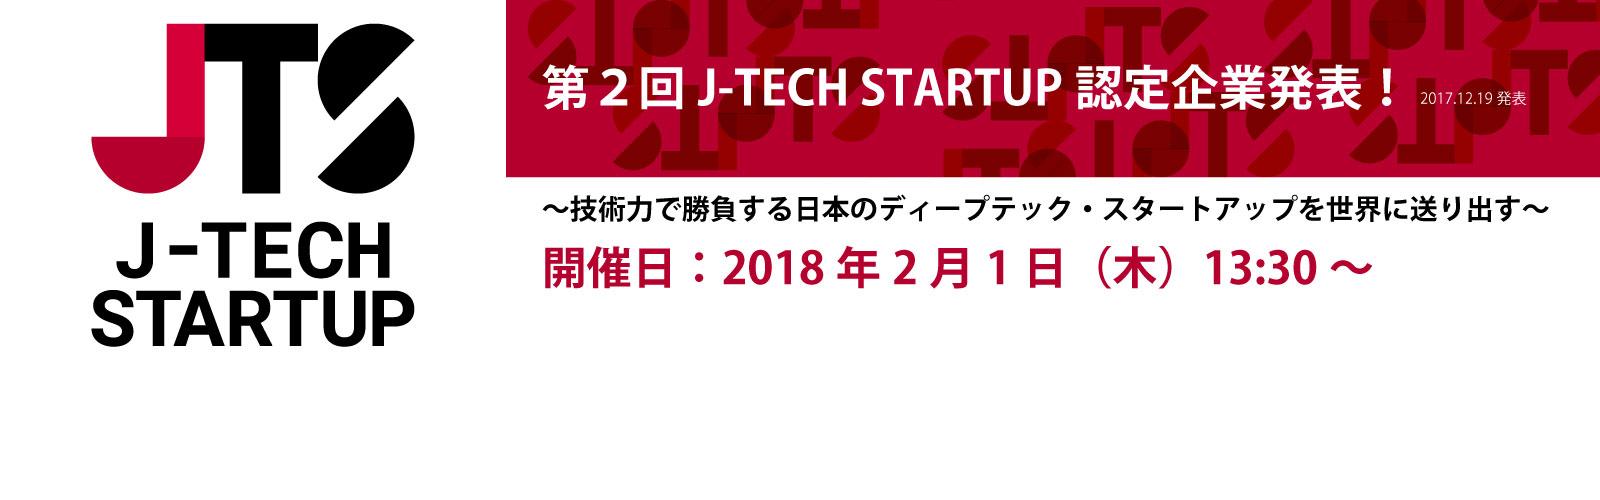 20171129用J-TECH-4トップスライダー